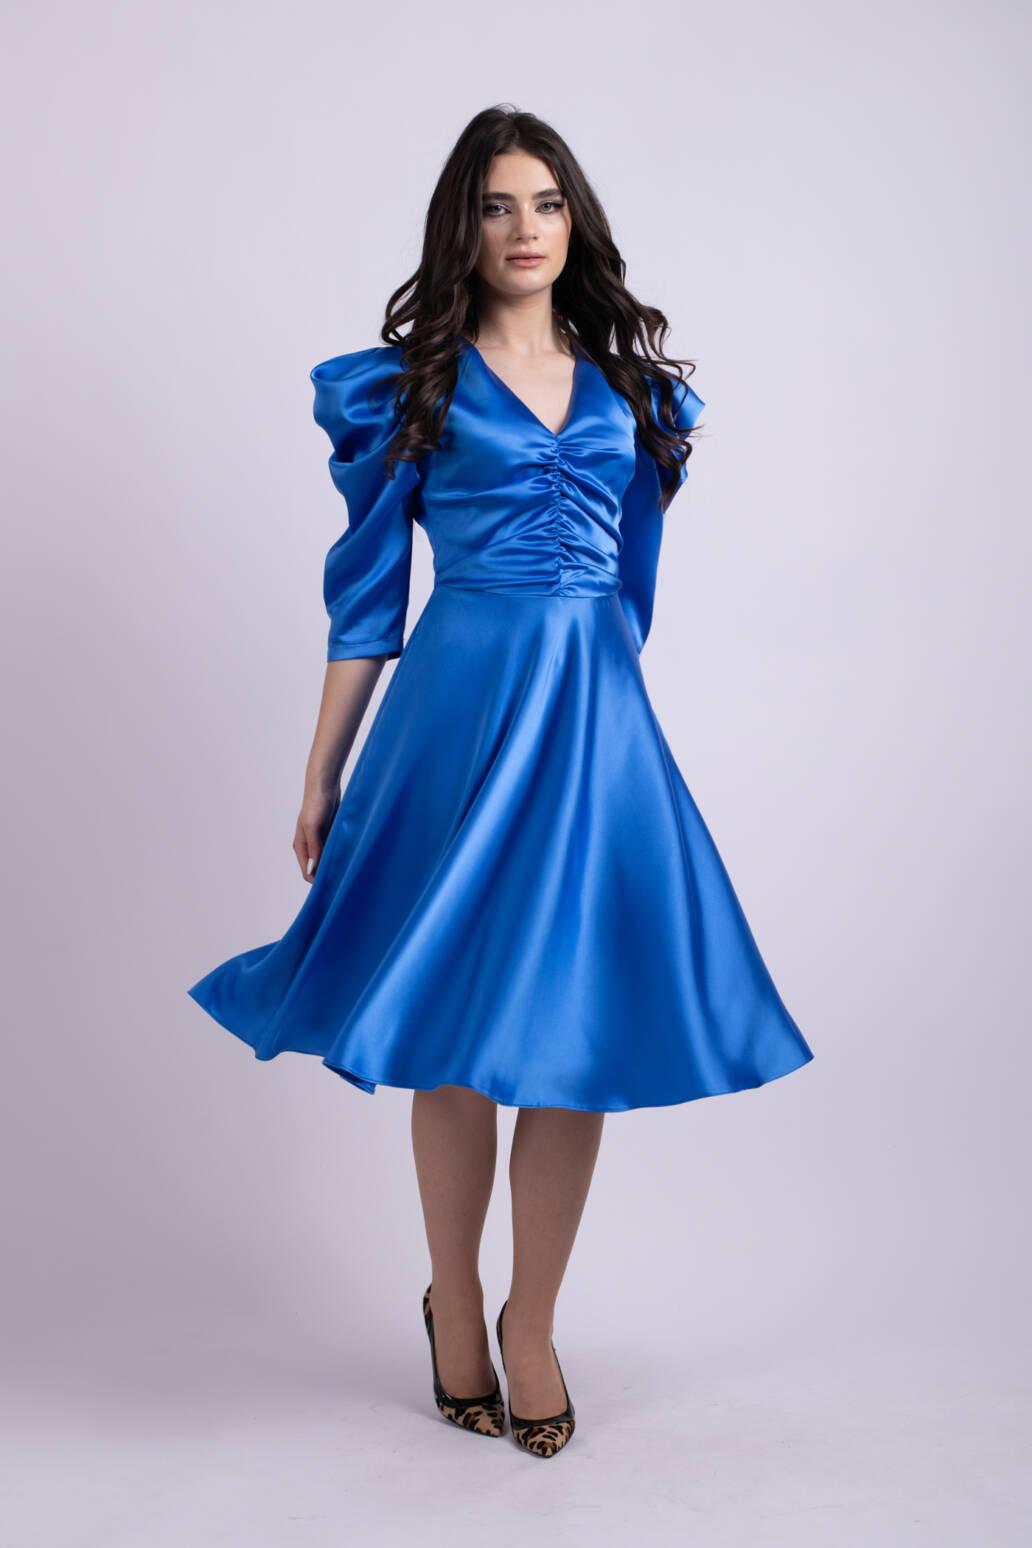 rochie albastra uai